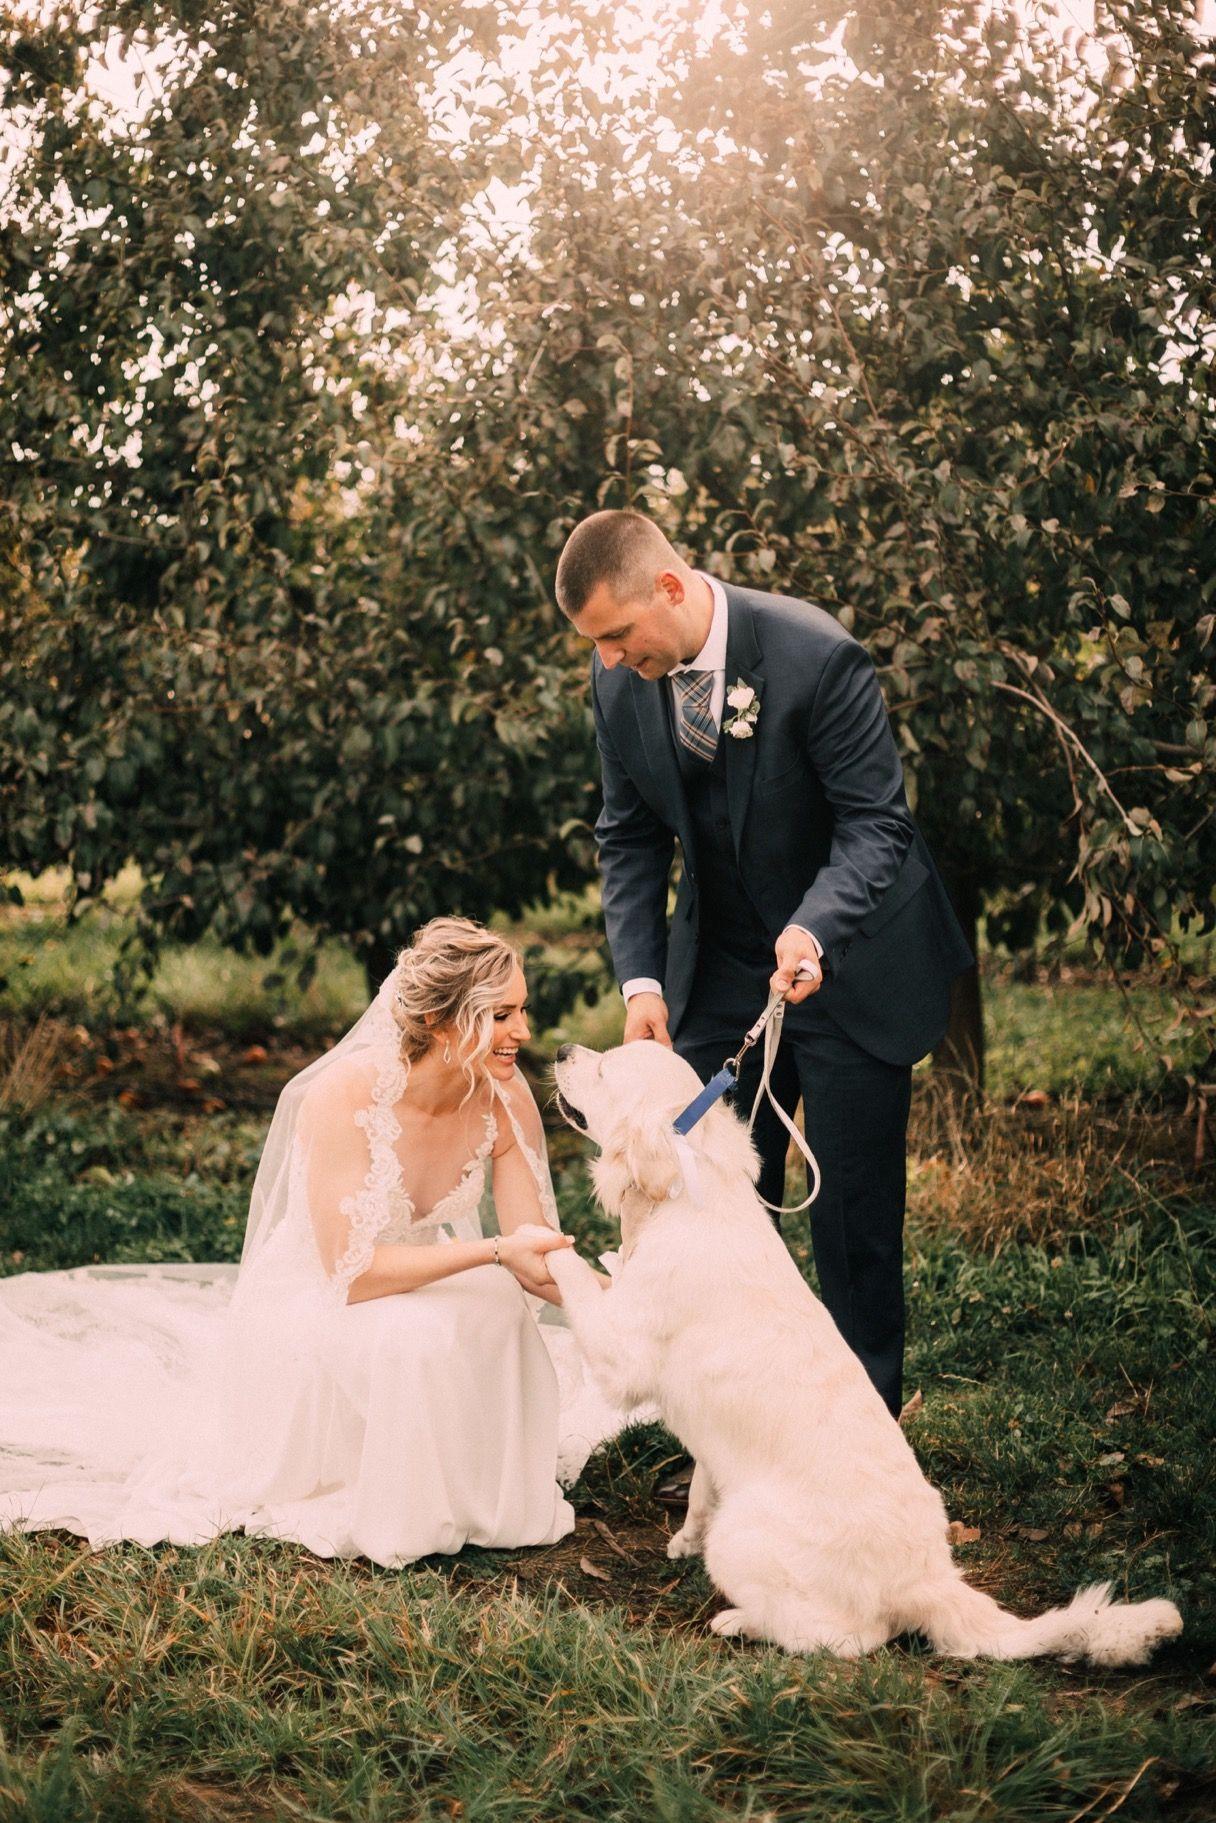 Dog wedding photo inspiration oregon wedding photography